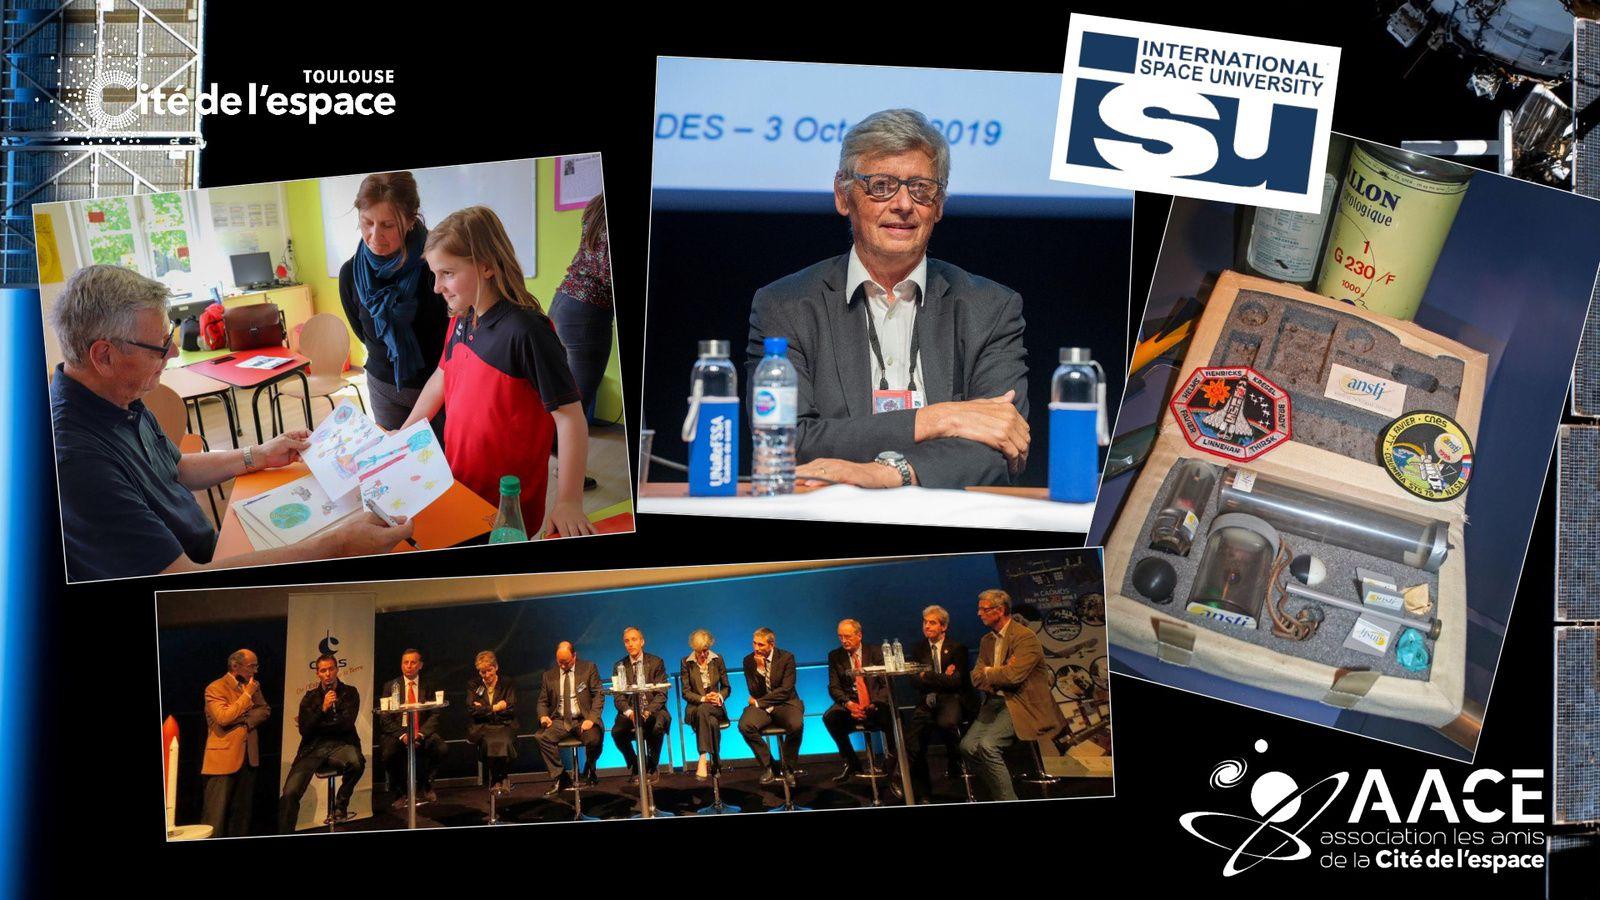 Jean-Jacques Favier - STS-78 - activités d'enseignement et sensibilisation - STEM - CSTI - ANSTJ - mallette expériences - ISU - Cité de l'espace - AACE - rencontres MEDES